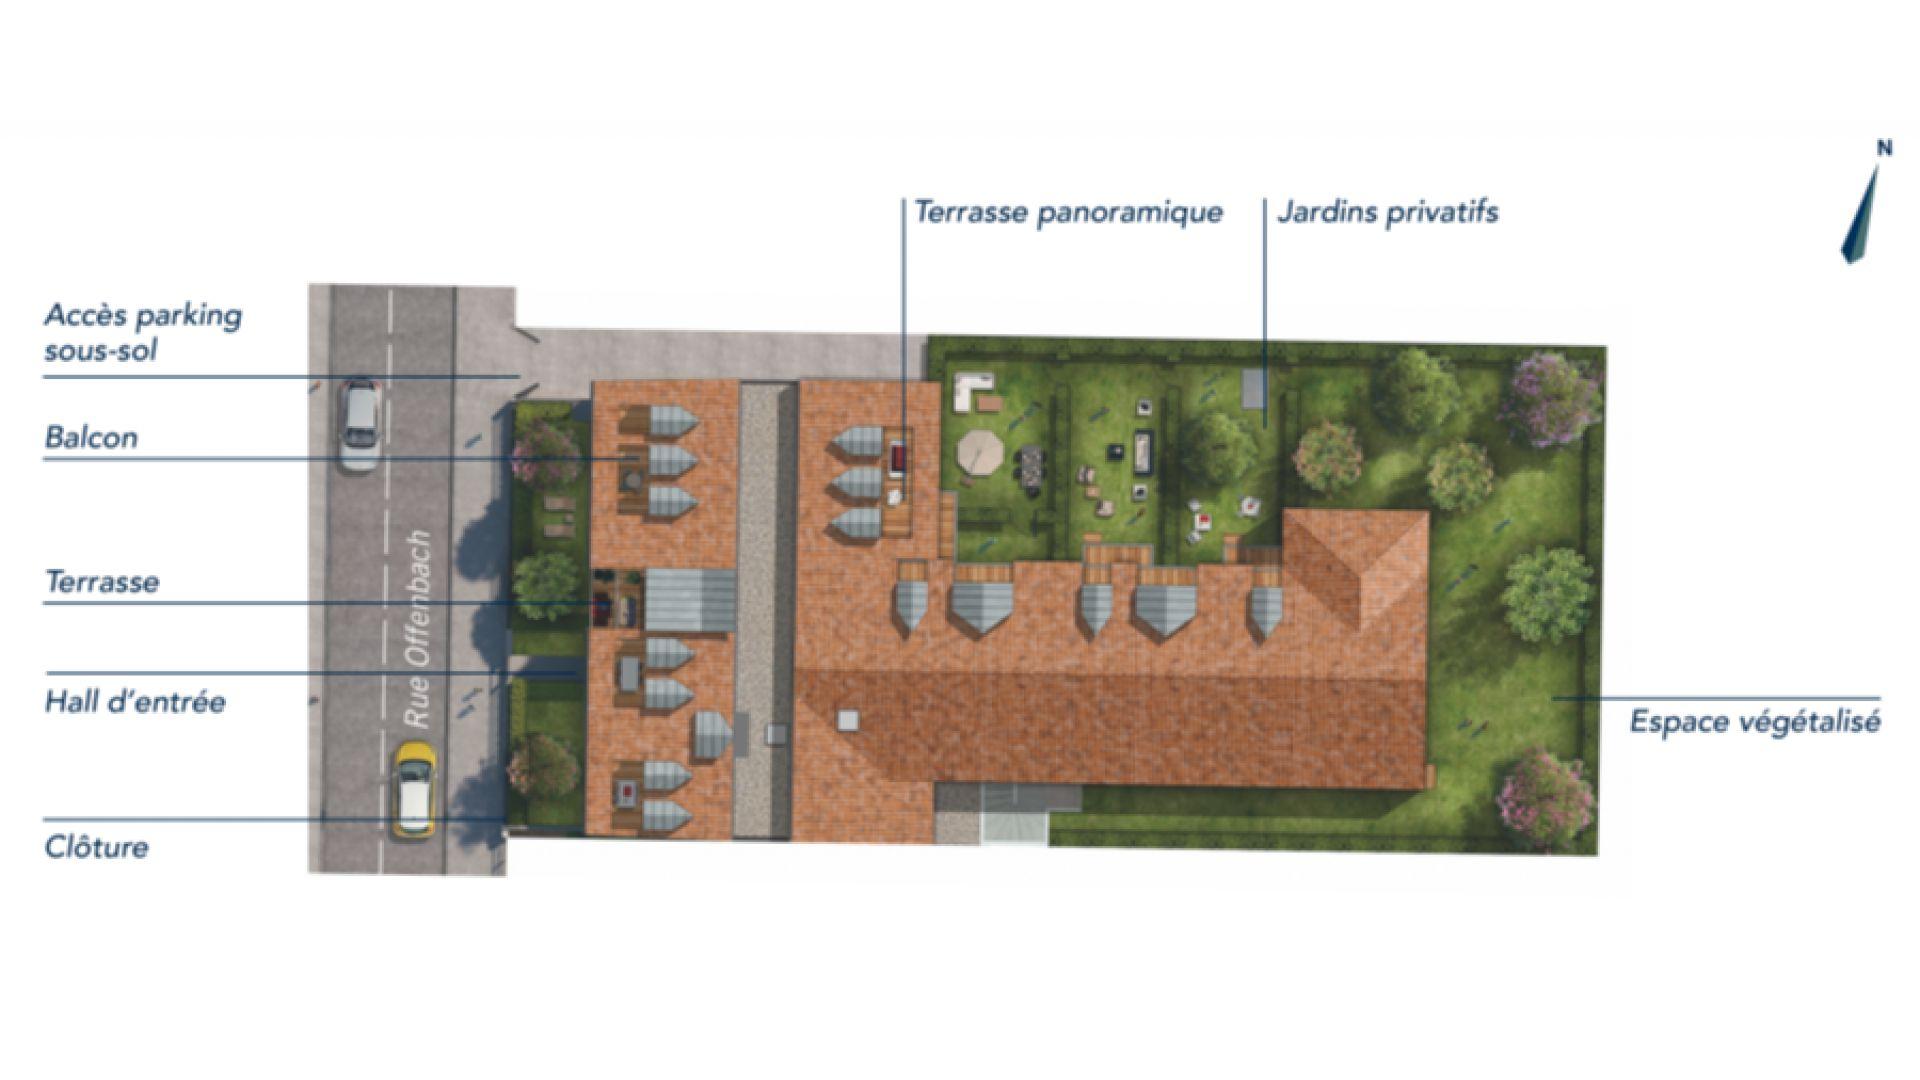 GreenCity immobilier - Villemomble 93250 - Villa Offenbach - Appartements neufs du T1 bis au T4 - plan de masse